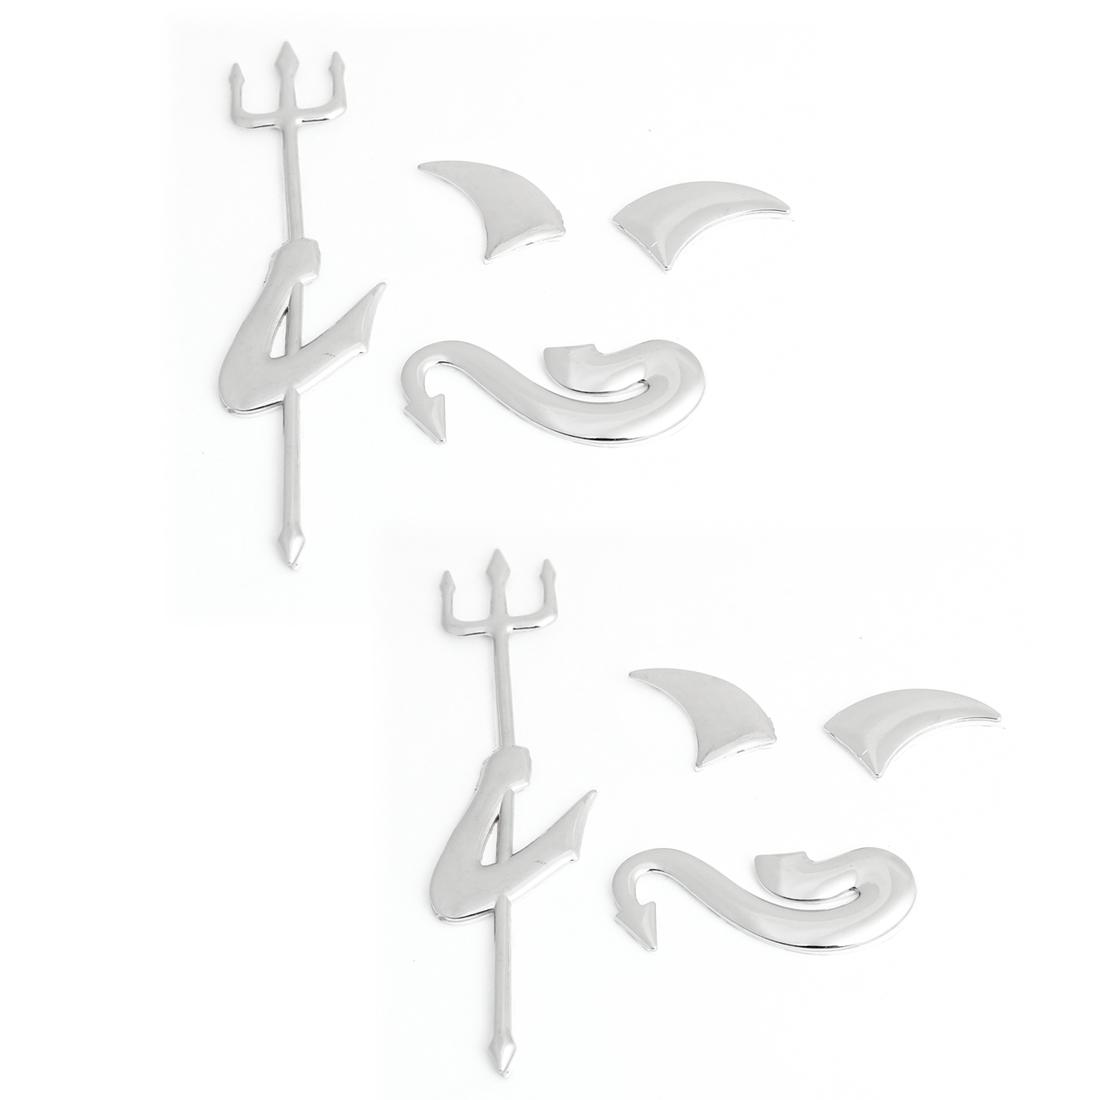 8 in 1 Silver Tone Plastic Demon Design Sticker Ornament for Car